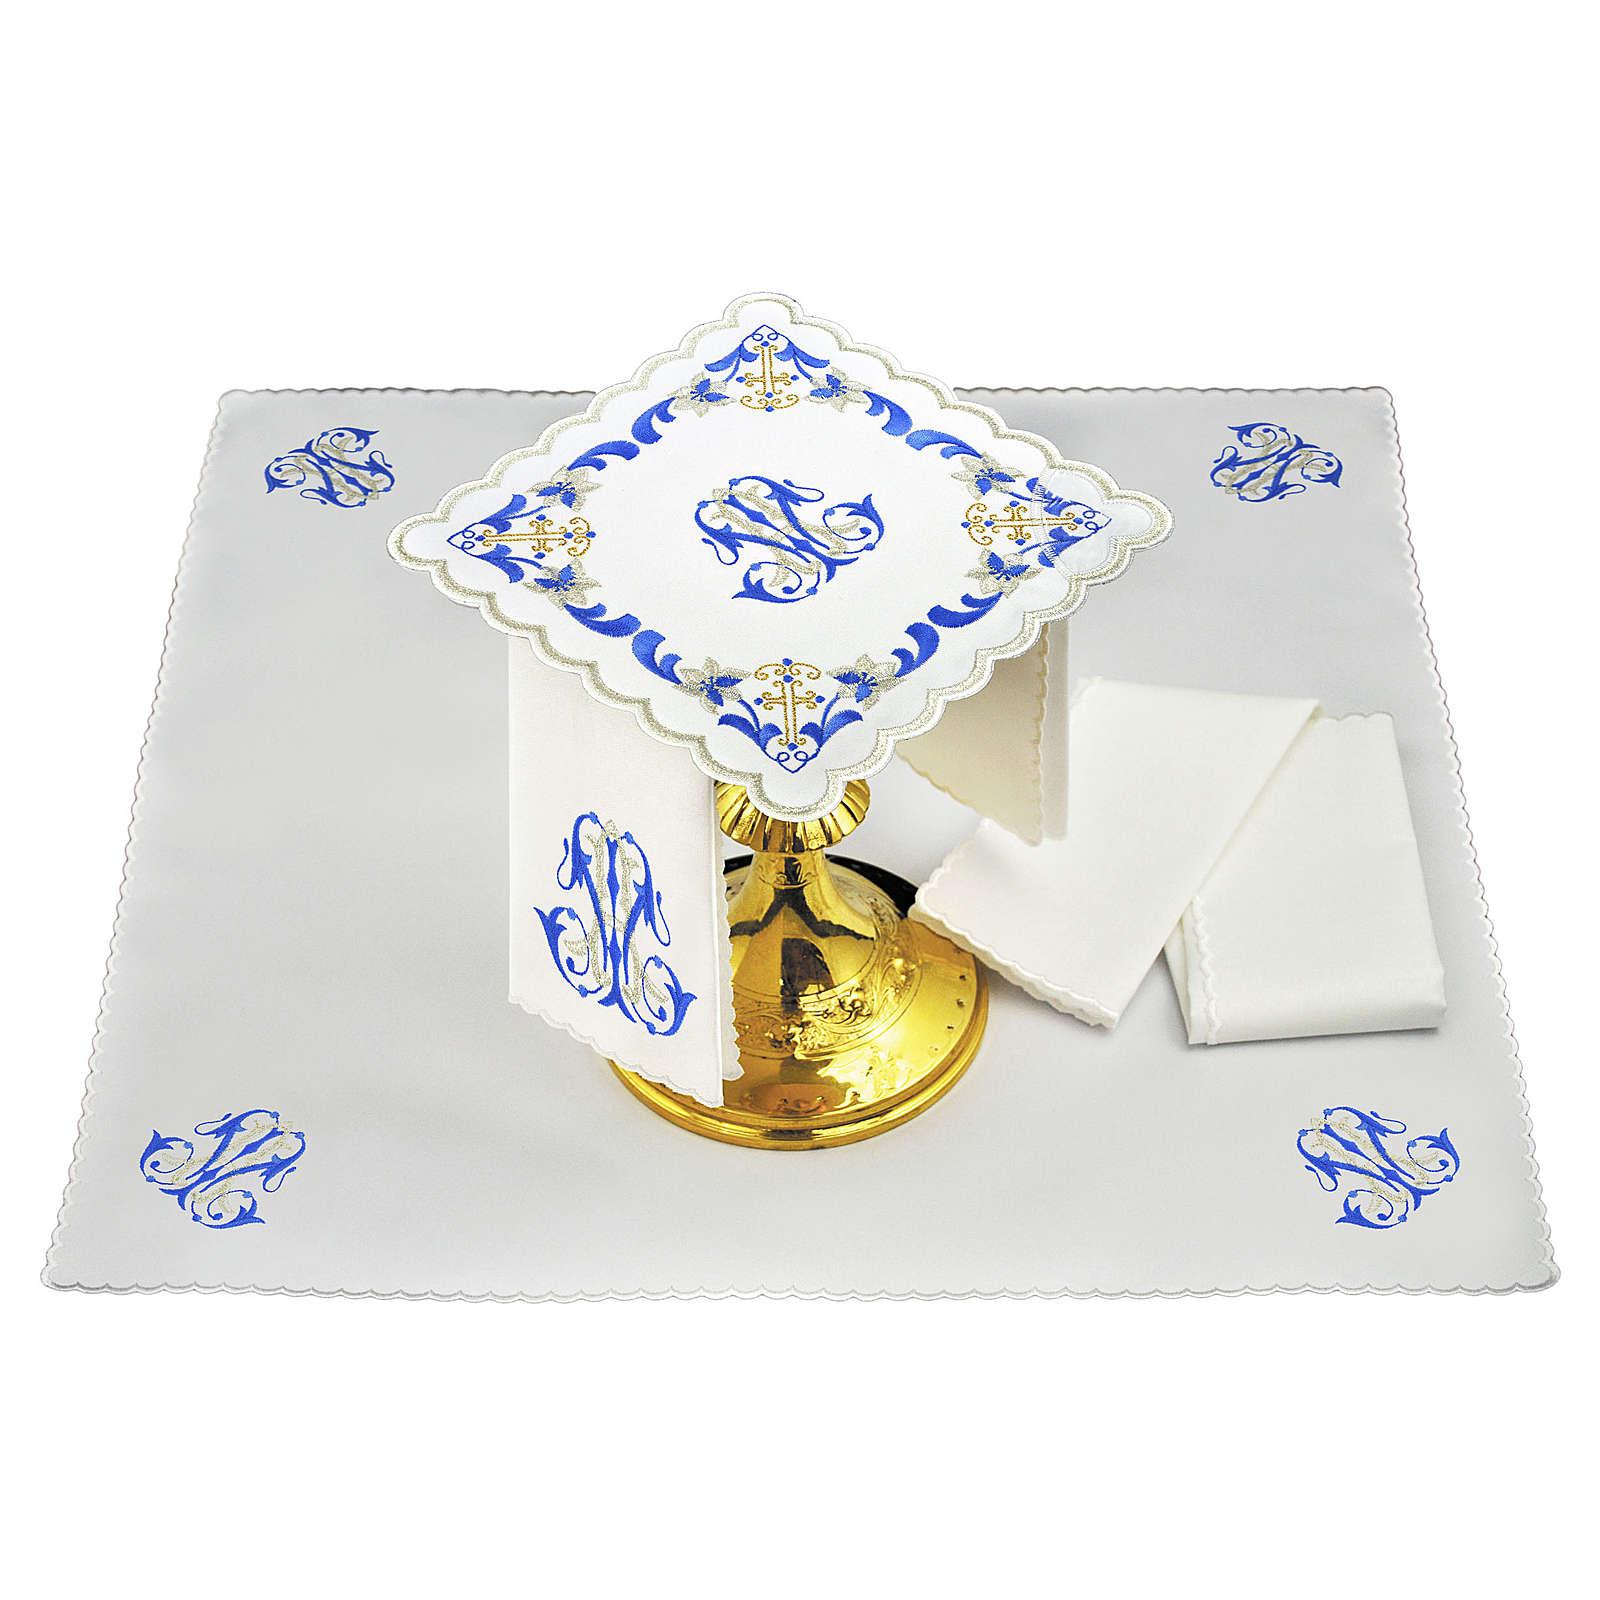 Bielizna kielichowa bawełna haft szary niebieski Najświętsze Imię Maryi 4